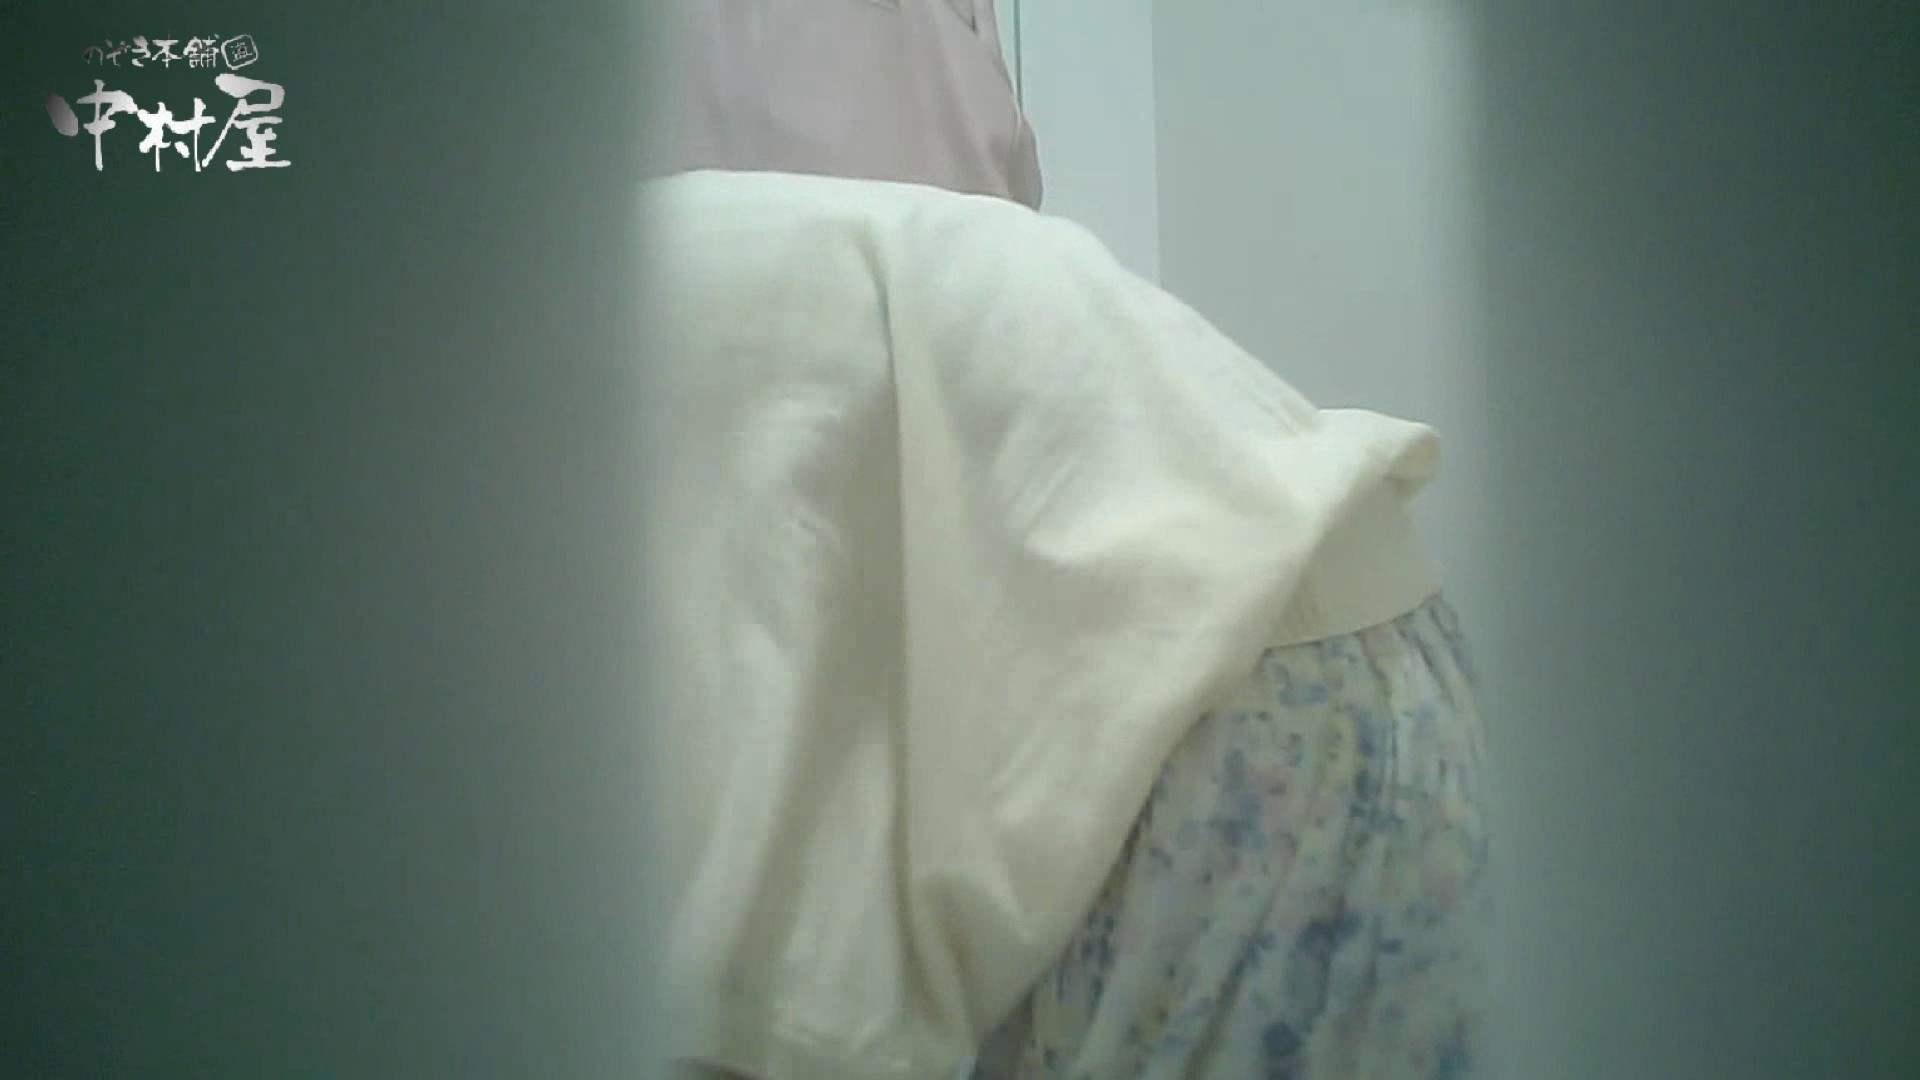 【某有名大学女性洗面所】有名大学女性洗面所 vol.40 ??おまじない的な動きをする子がいます。 綺麗なOLたち  88枚 50